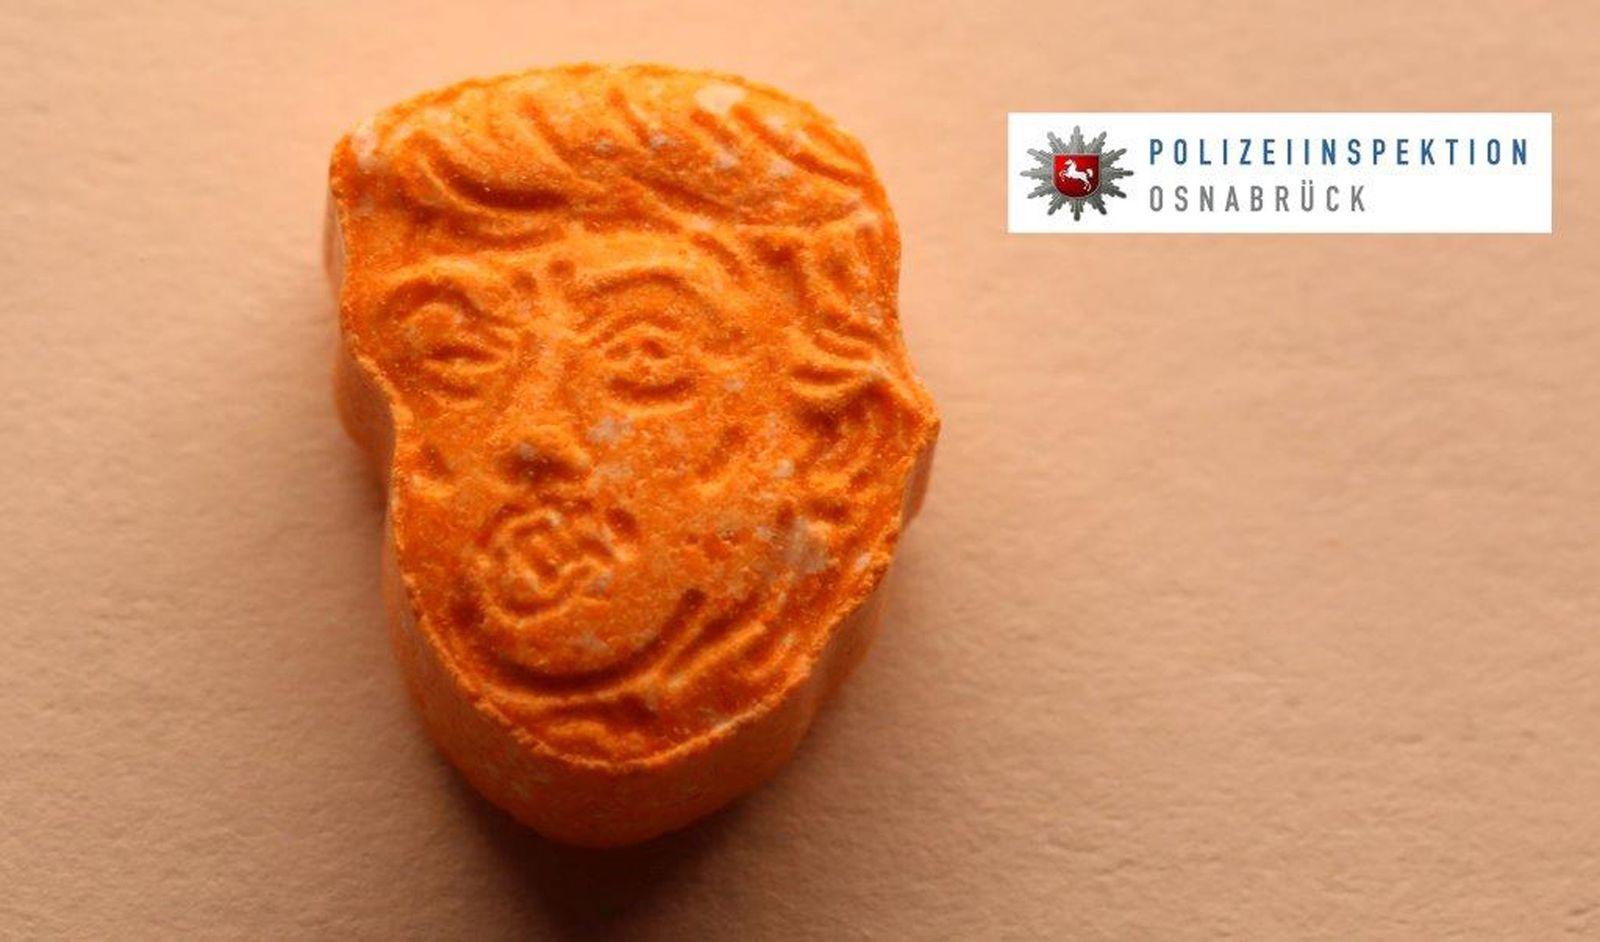 Polizei stellt Ecstasy-Tabletten mit Trump-Konterfei sicher